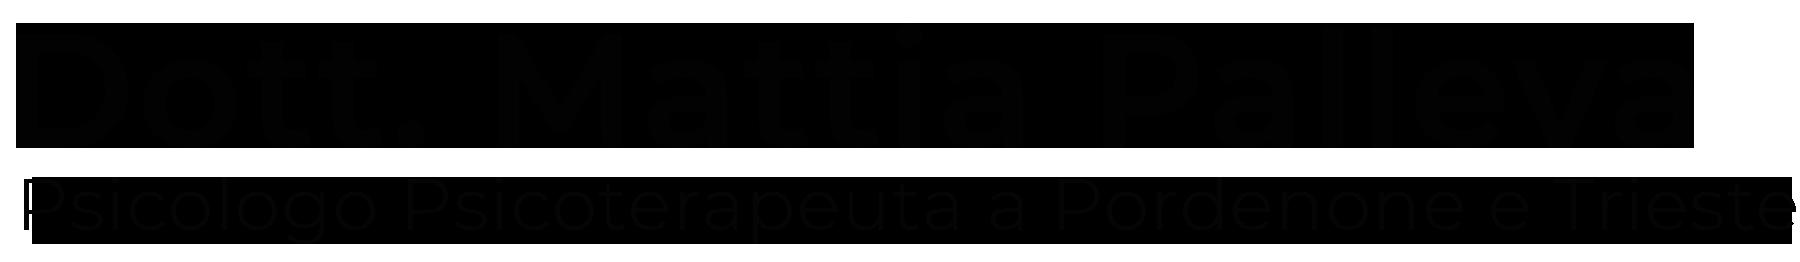 Mattia Palleva | Psicoterapeuta